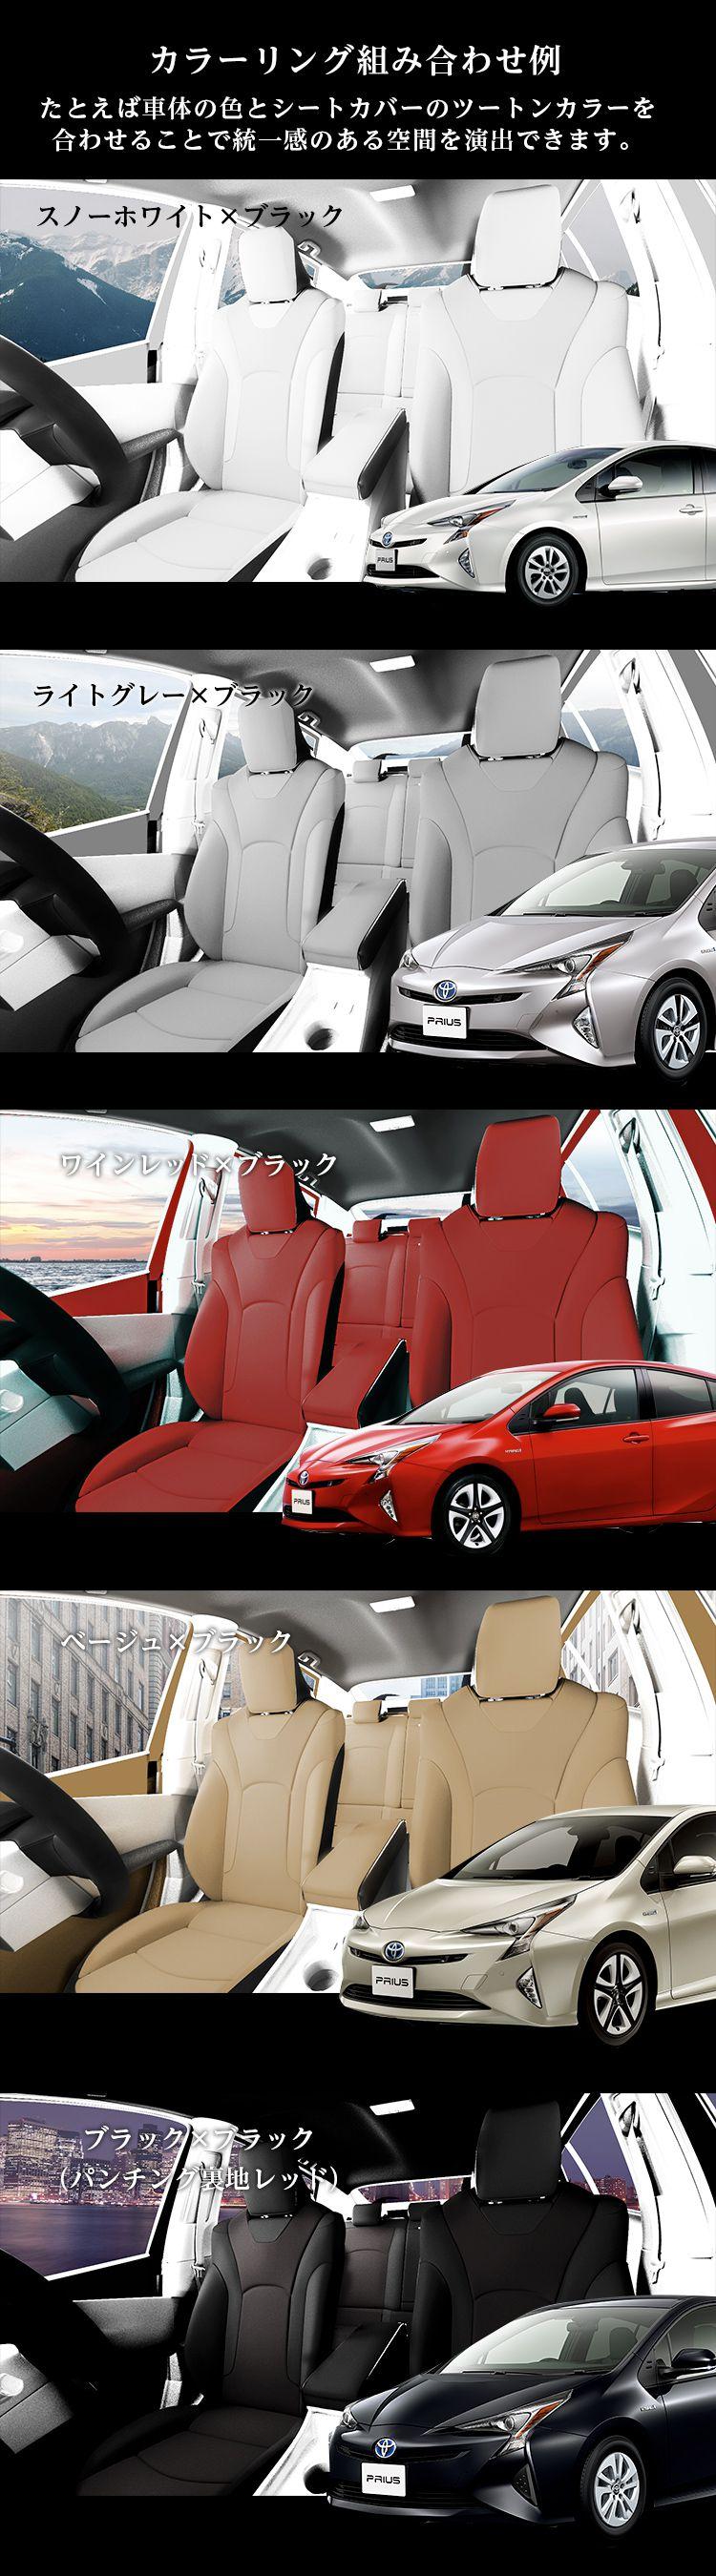 カラーリングの組み合わせ例 たとえば車体の色とツートンカラーを合わせることで統一感のある空間を演出できます。